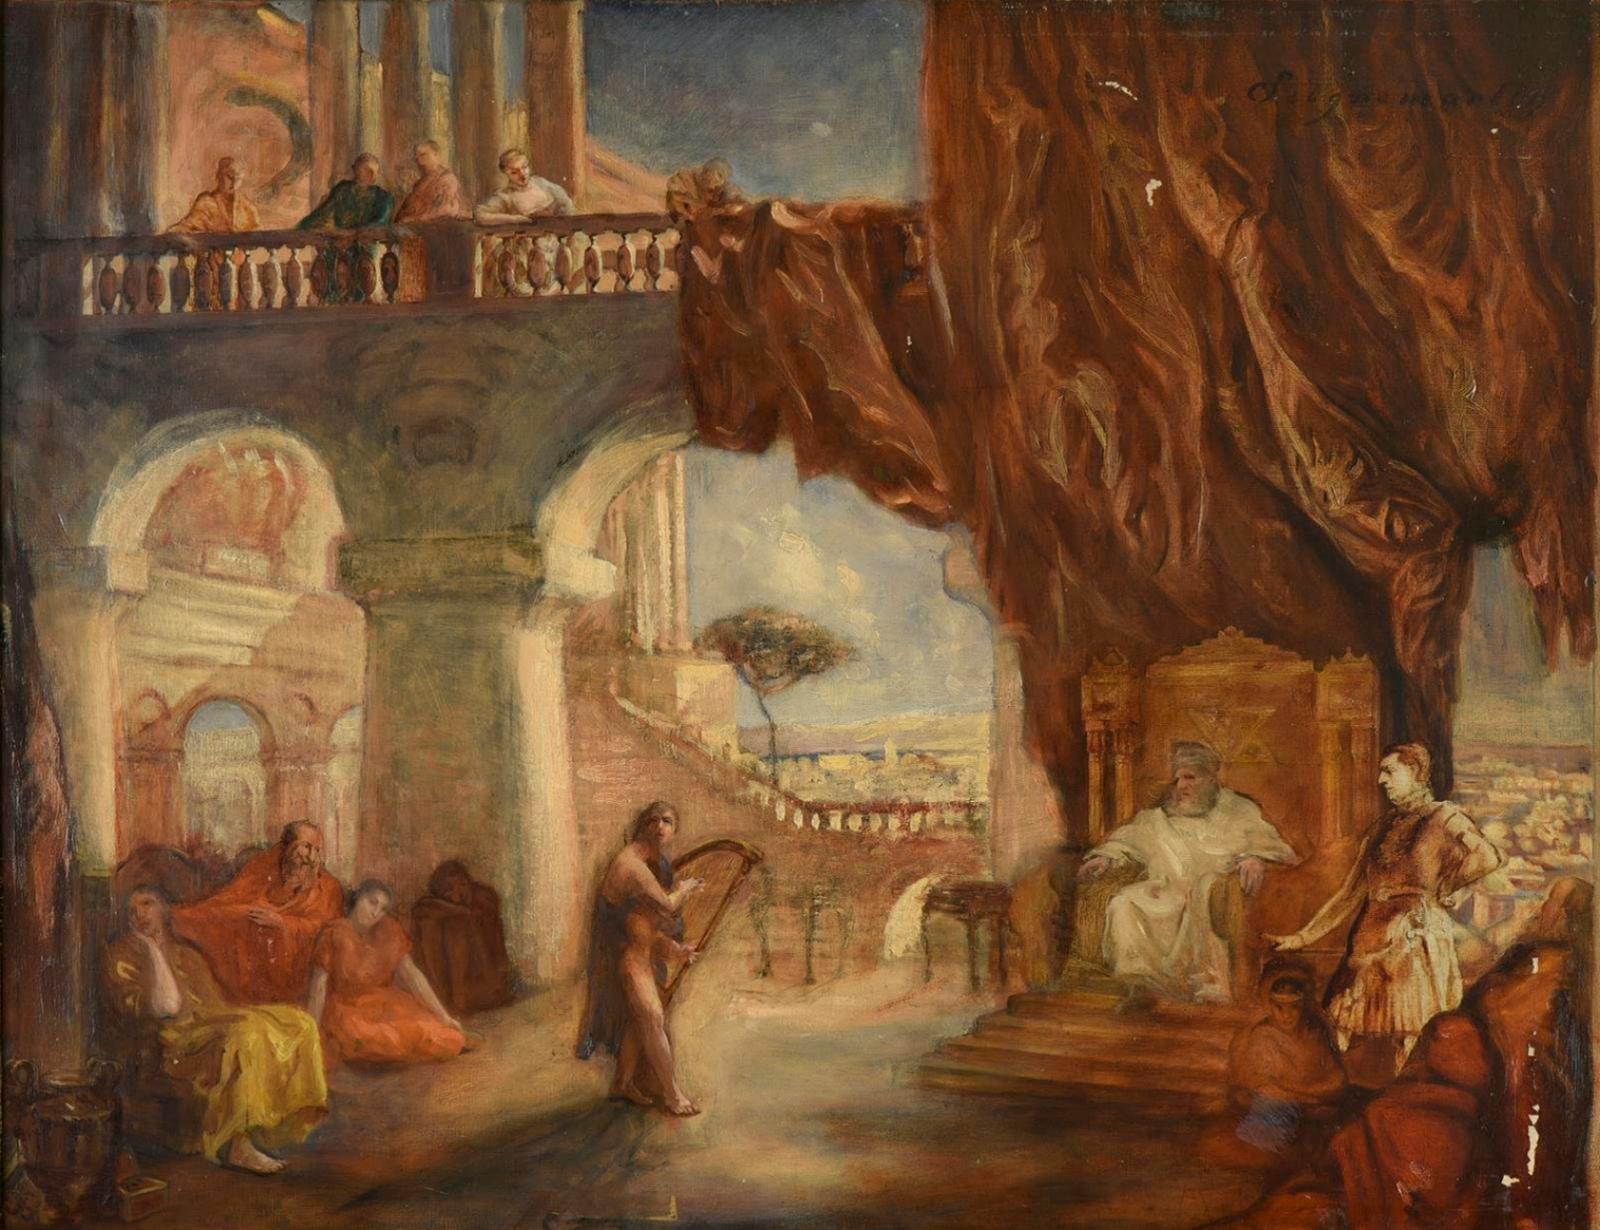 1500€ Jean Seignemartin(1848-1875), David jouant de la harpe devant le roi Saül, huile sur toile, 63x81cm. Lyon, 19juin 2018.De Bae